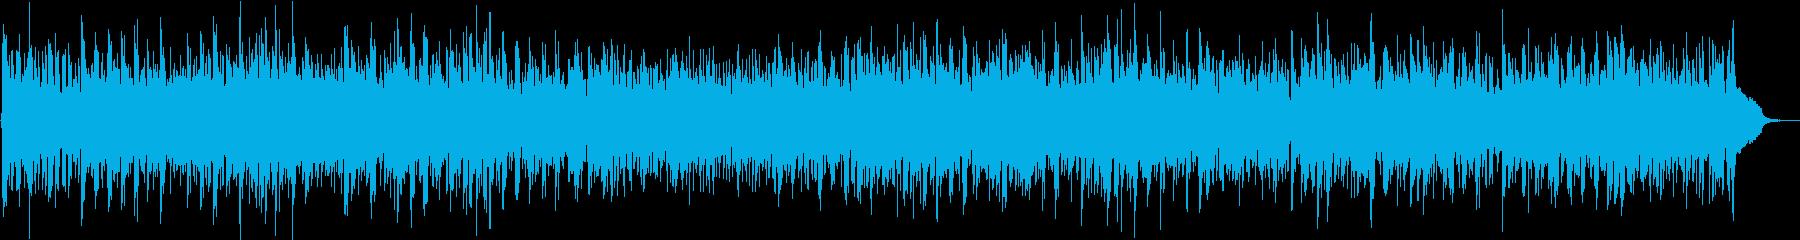 疾走カントリーバイオリン・レトロジャズの再生済みの波形